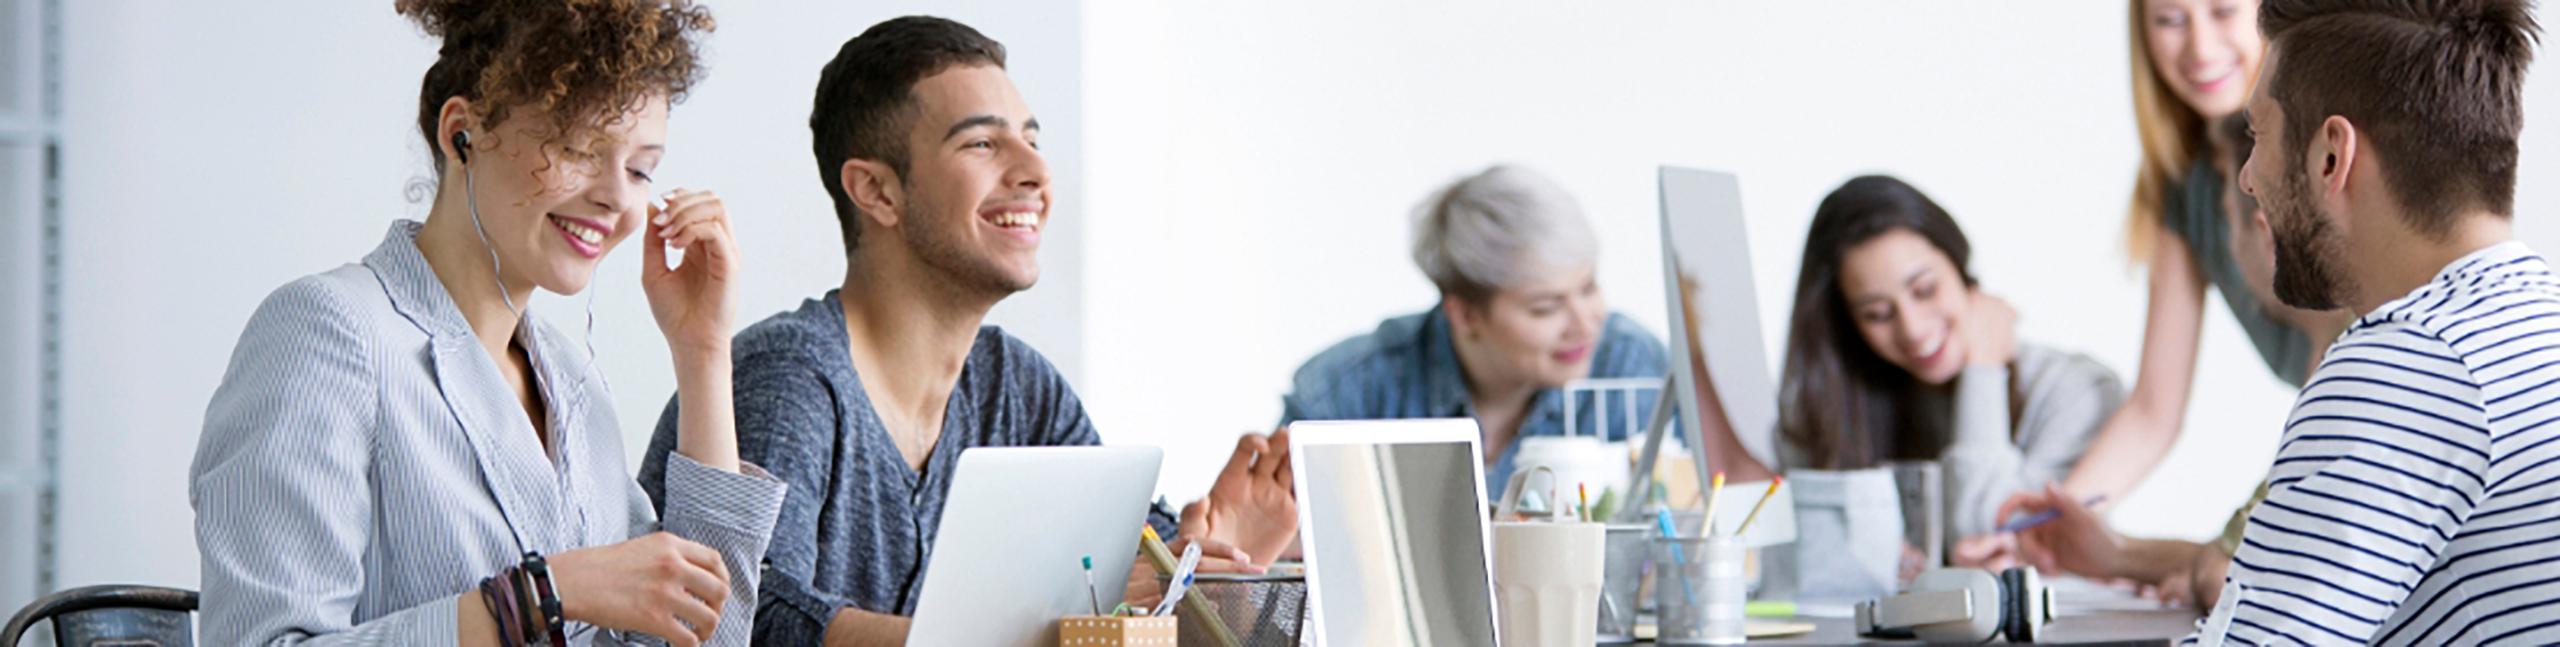 Positiva relationer mellan leende samarbetspartners